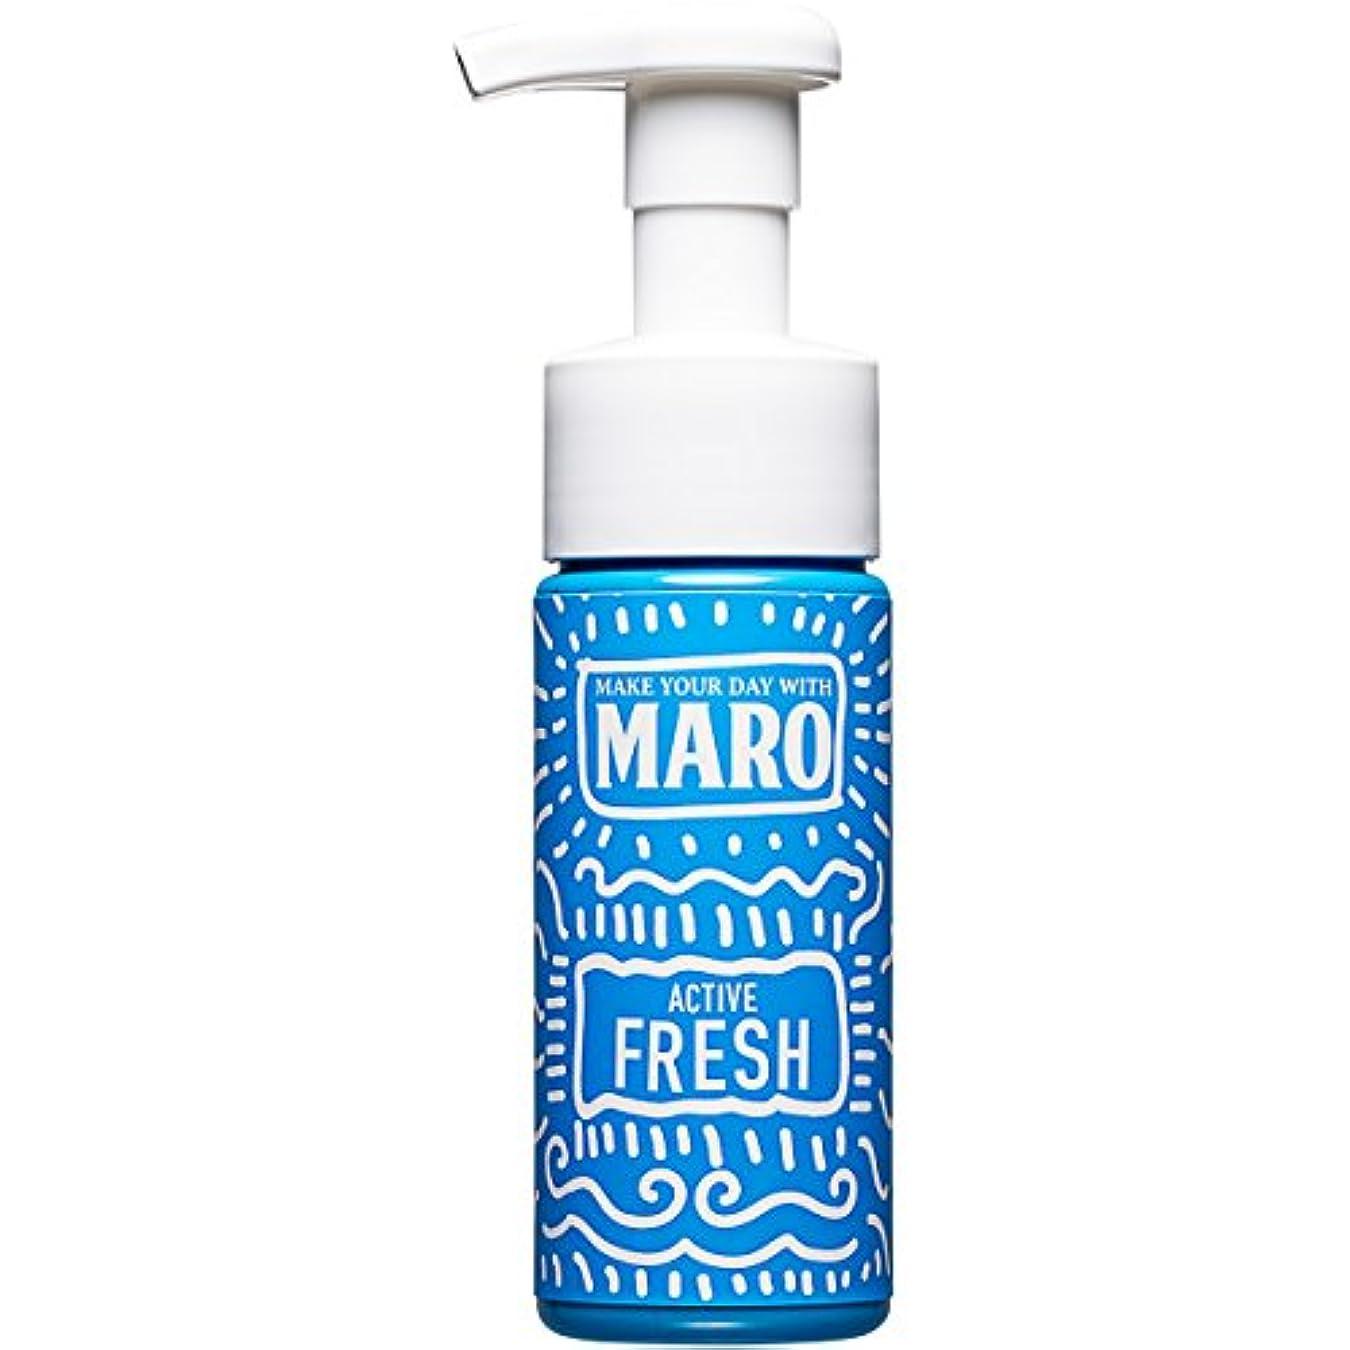 ご意見エミュレートする理解するMARO グルーヴィー 泡洗顔 アクティブフレッシュ 150ml